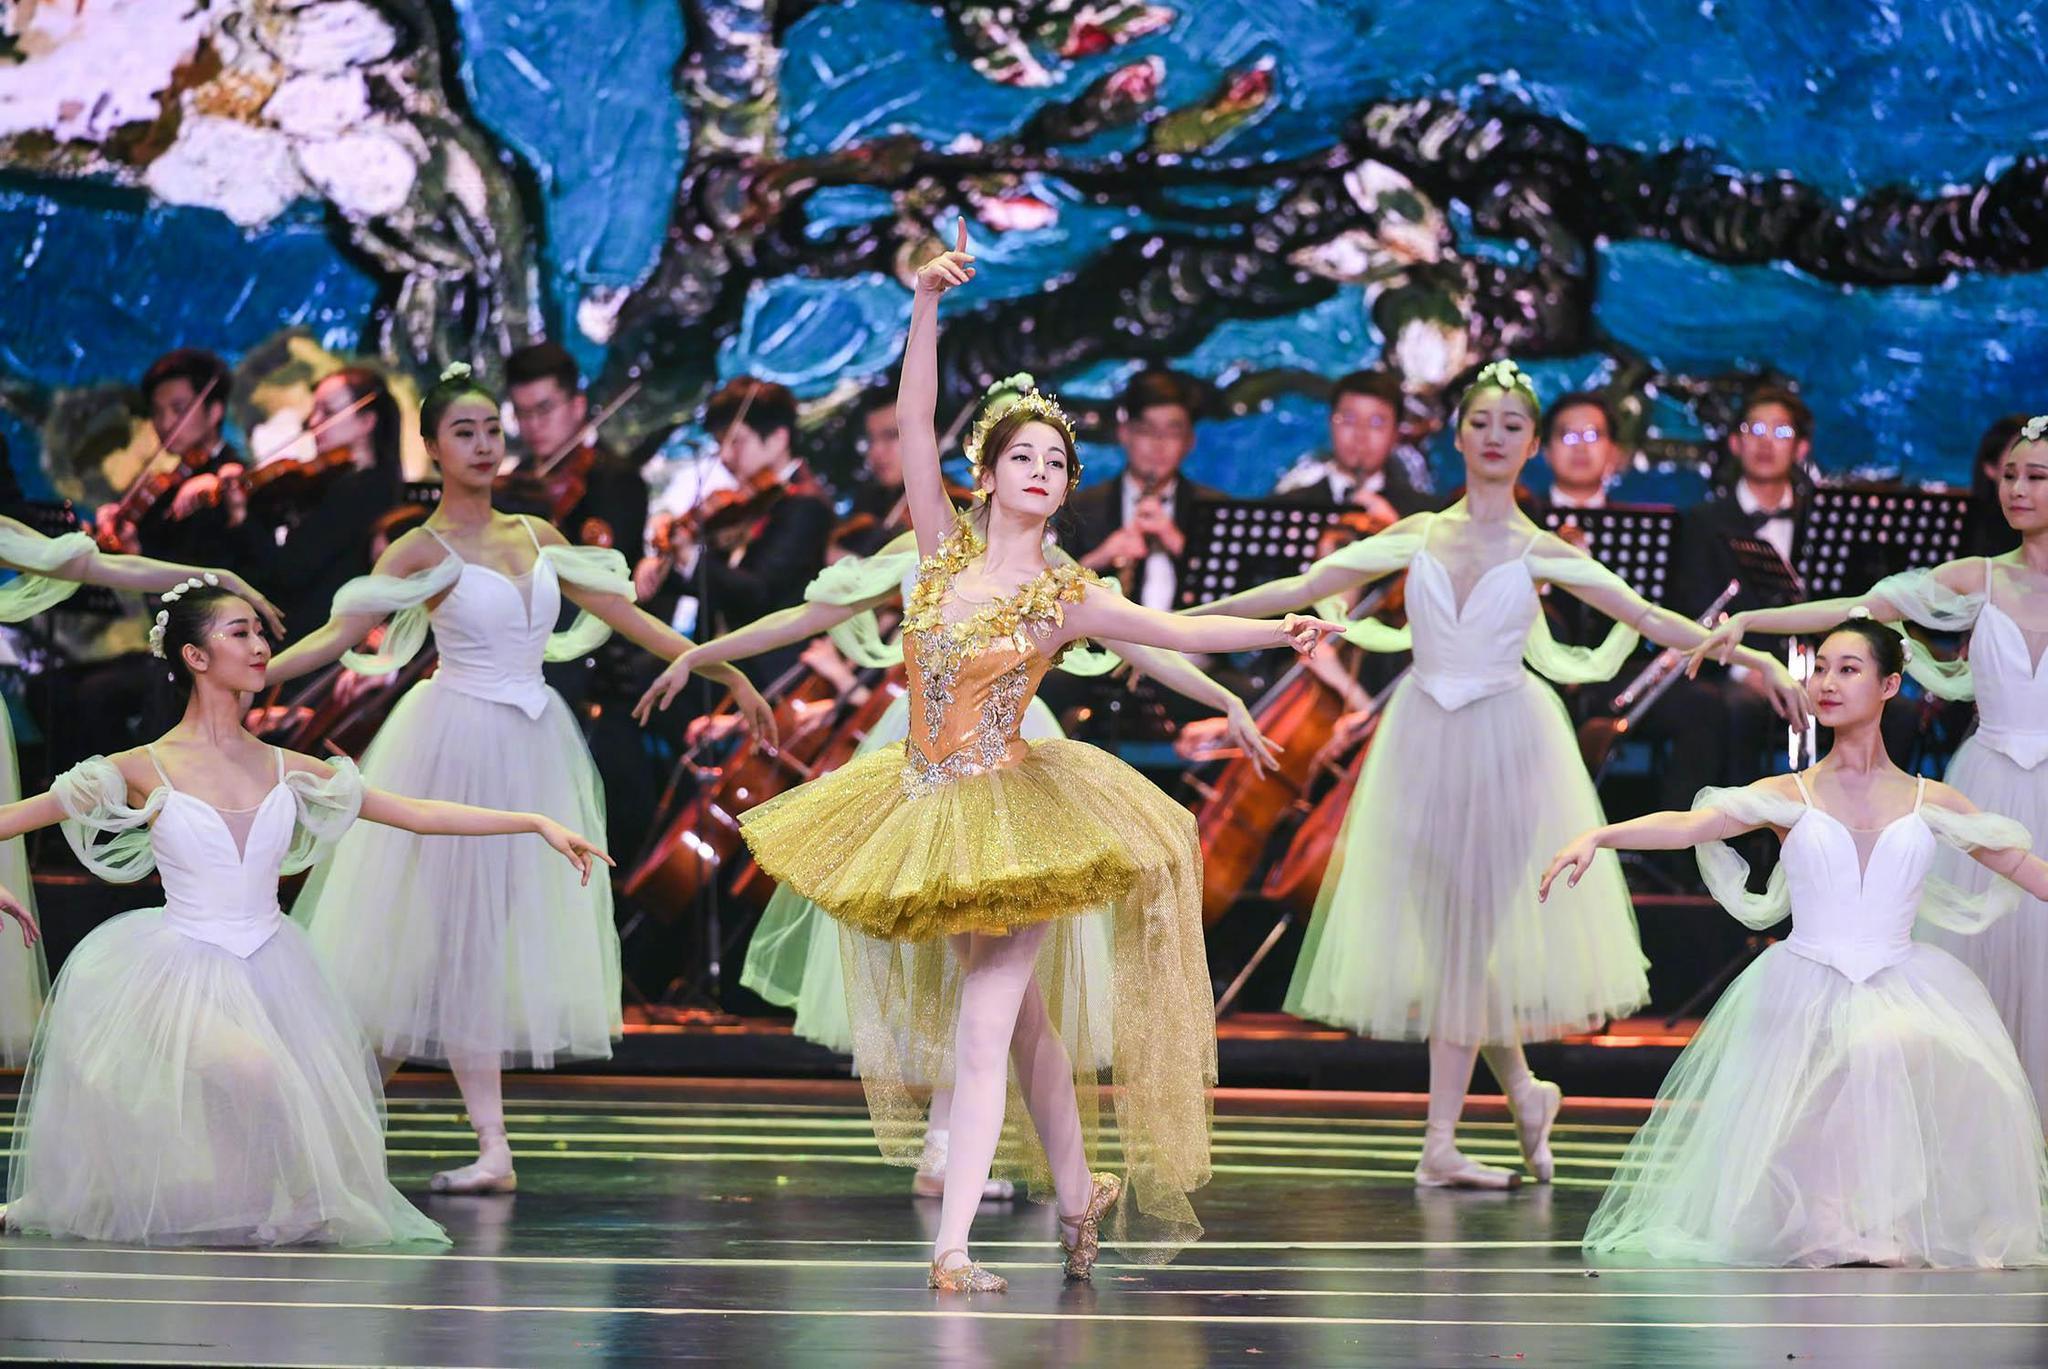 迪丽热巴芭蕾舞结束摔出舞台,工作室:轻微擦伤不严重